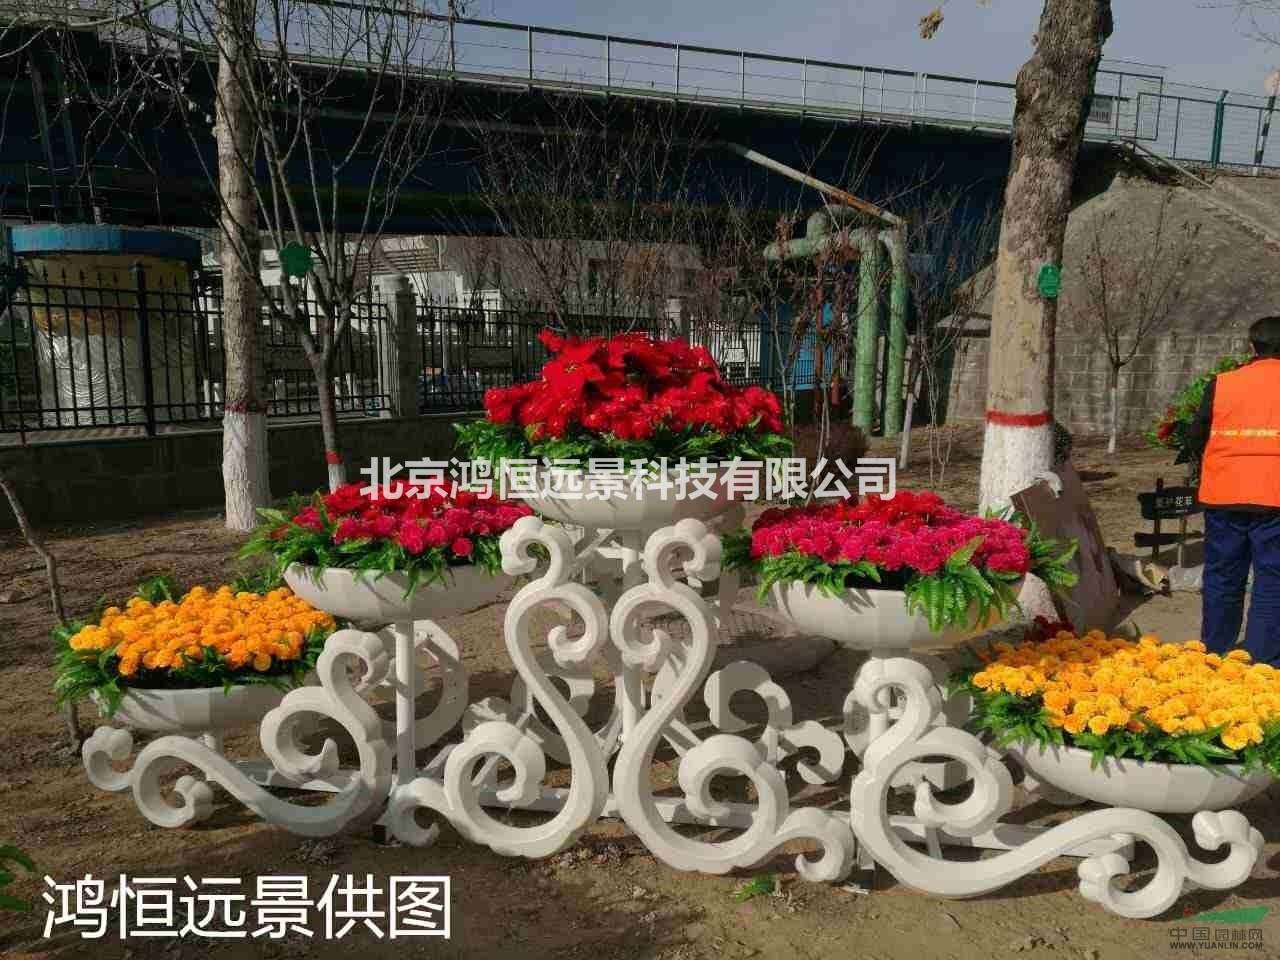 园林景观小品,室外大型铁艺花架,组合花架